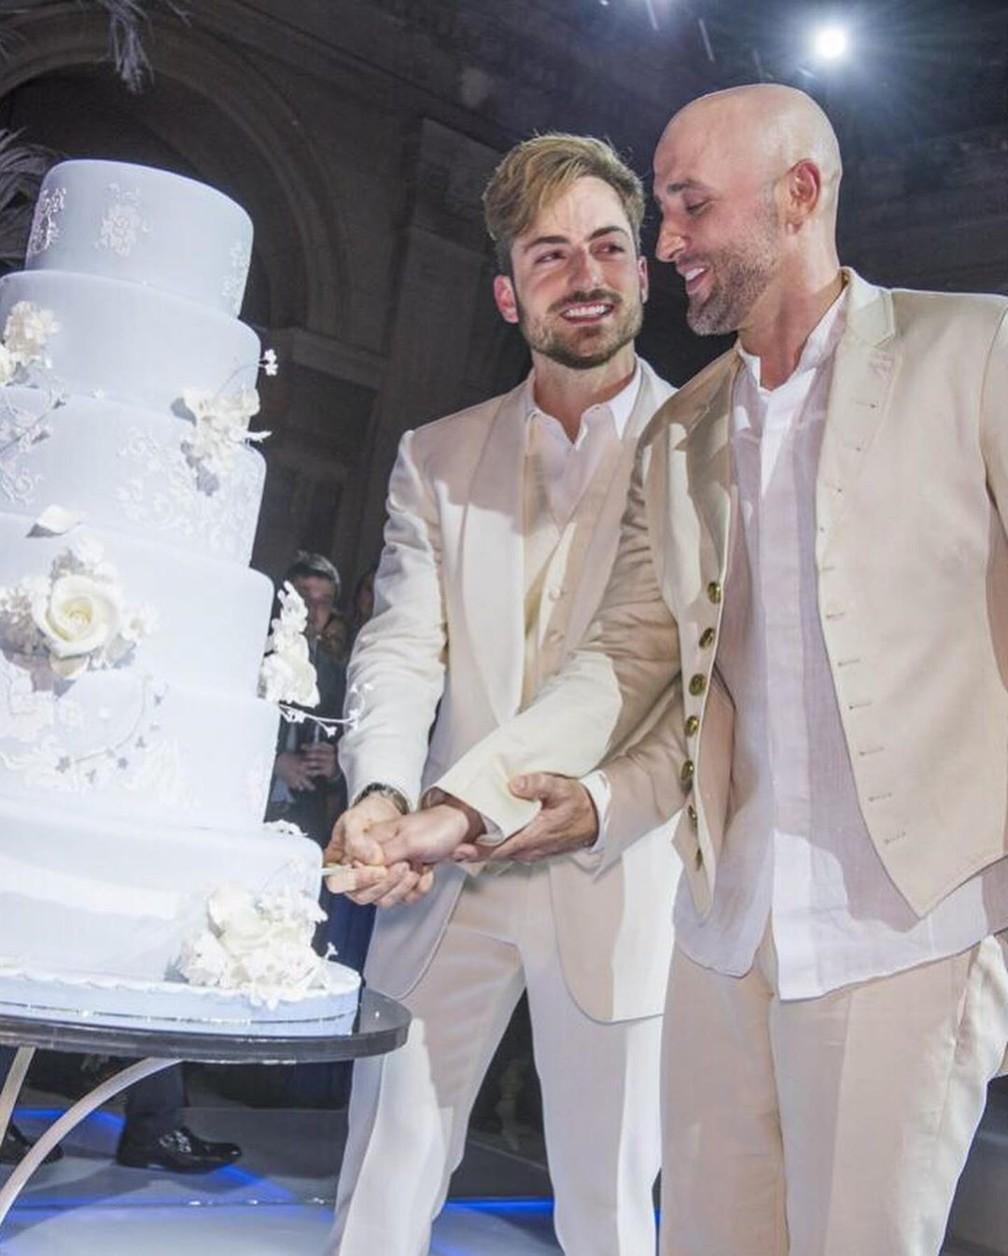 Casamento de Paulo Gustavo e Thales Bretas influenciou cena de 'Minha Mãe É uma Peça 3' — Foto: Reprodução/Instagram/PauloGustavo